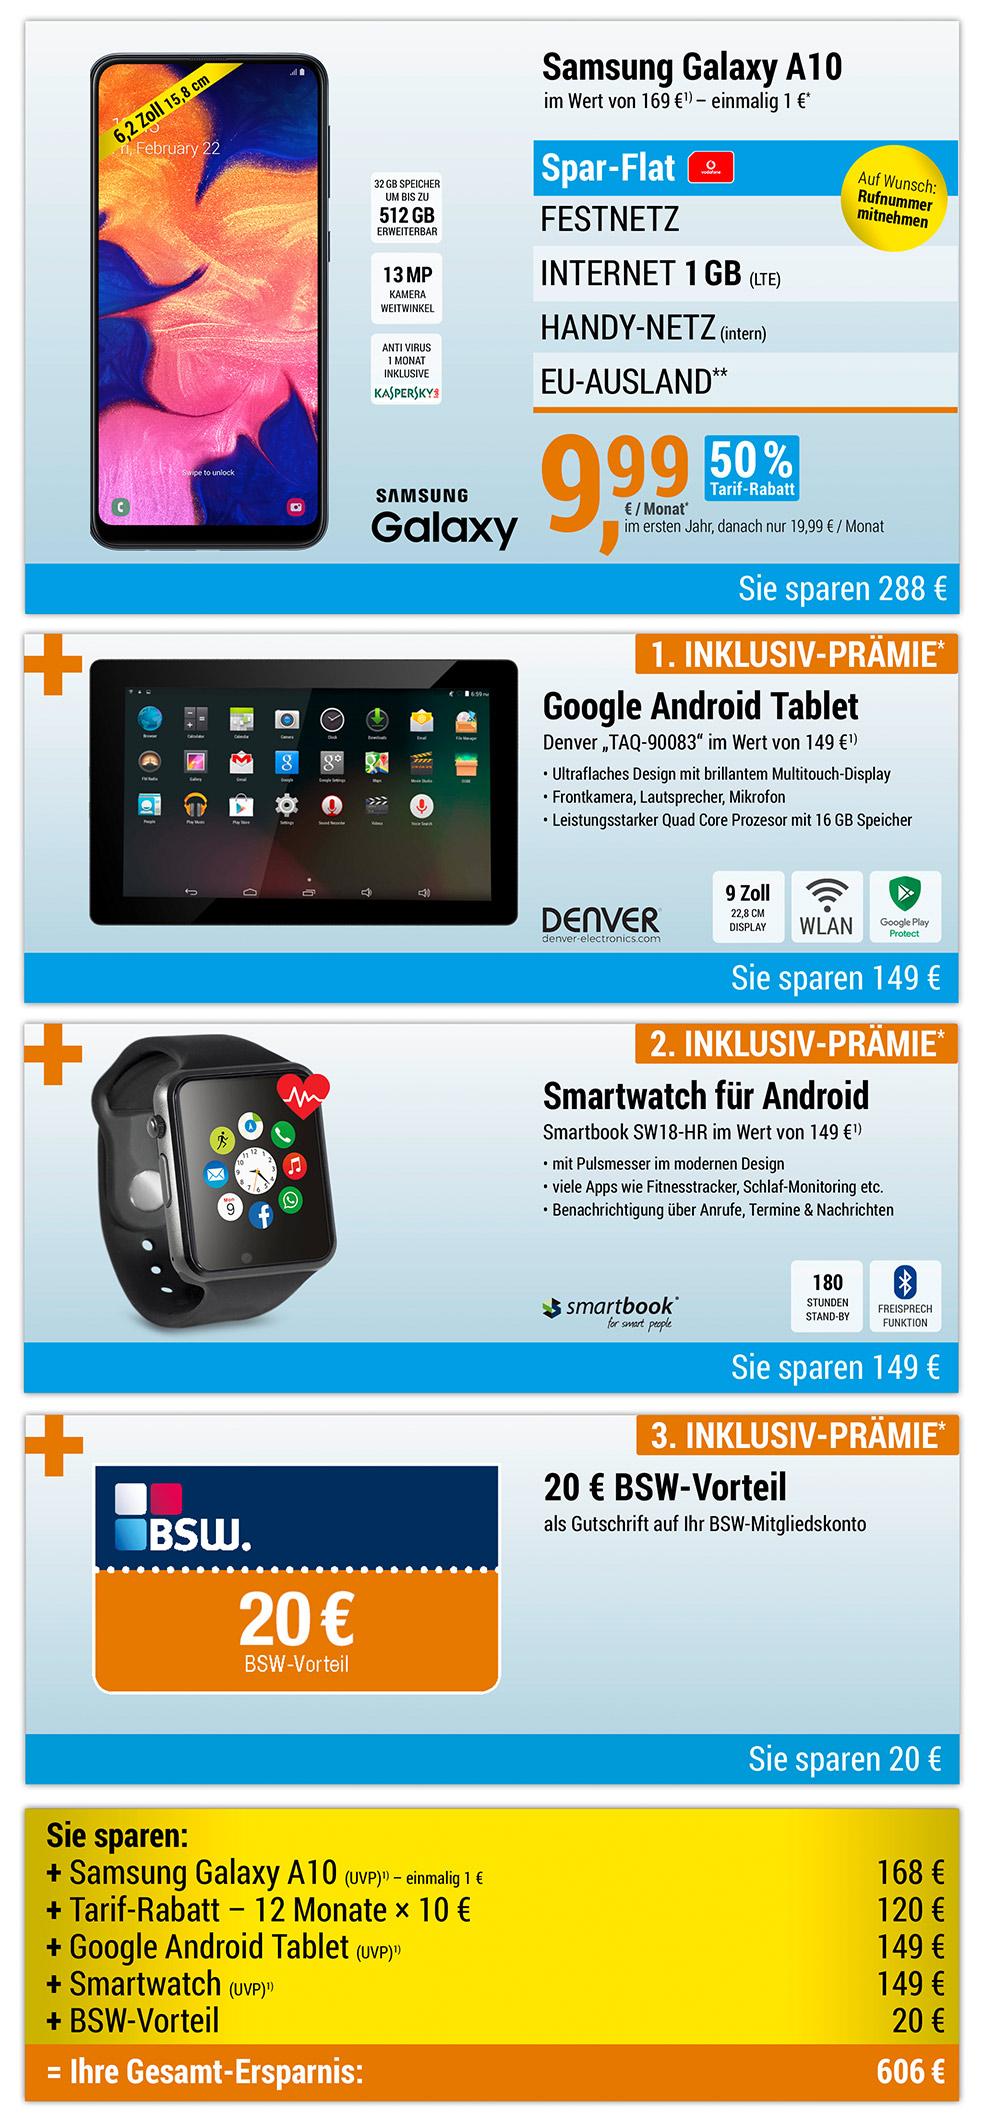 9'' Denver Tablet + Smartwatch + 20 € BSW-Vorteil INKLUSIVE + Samsung Galaxy A10